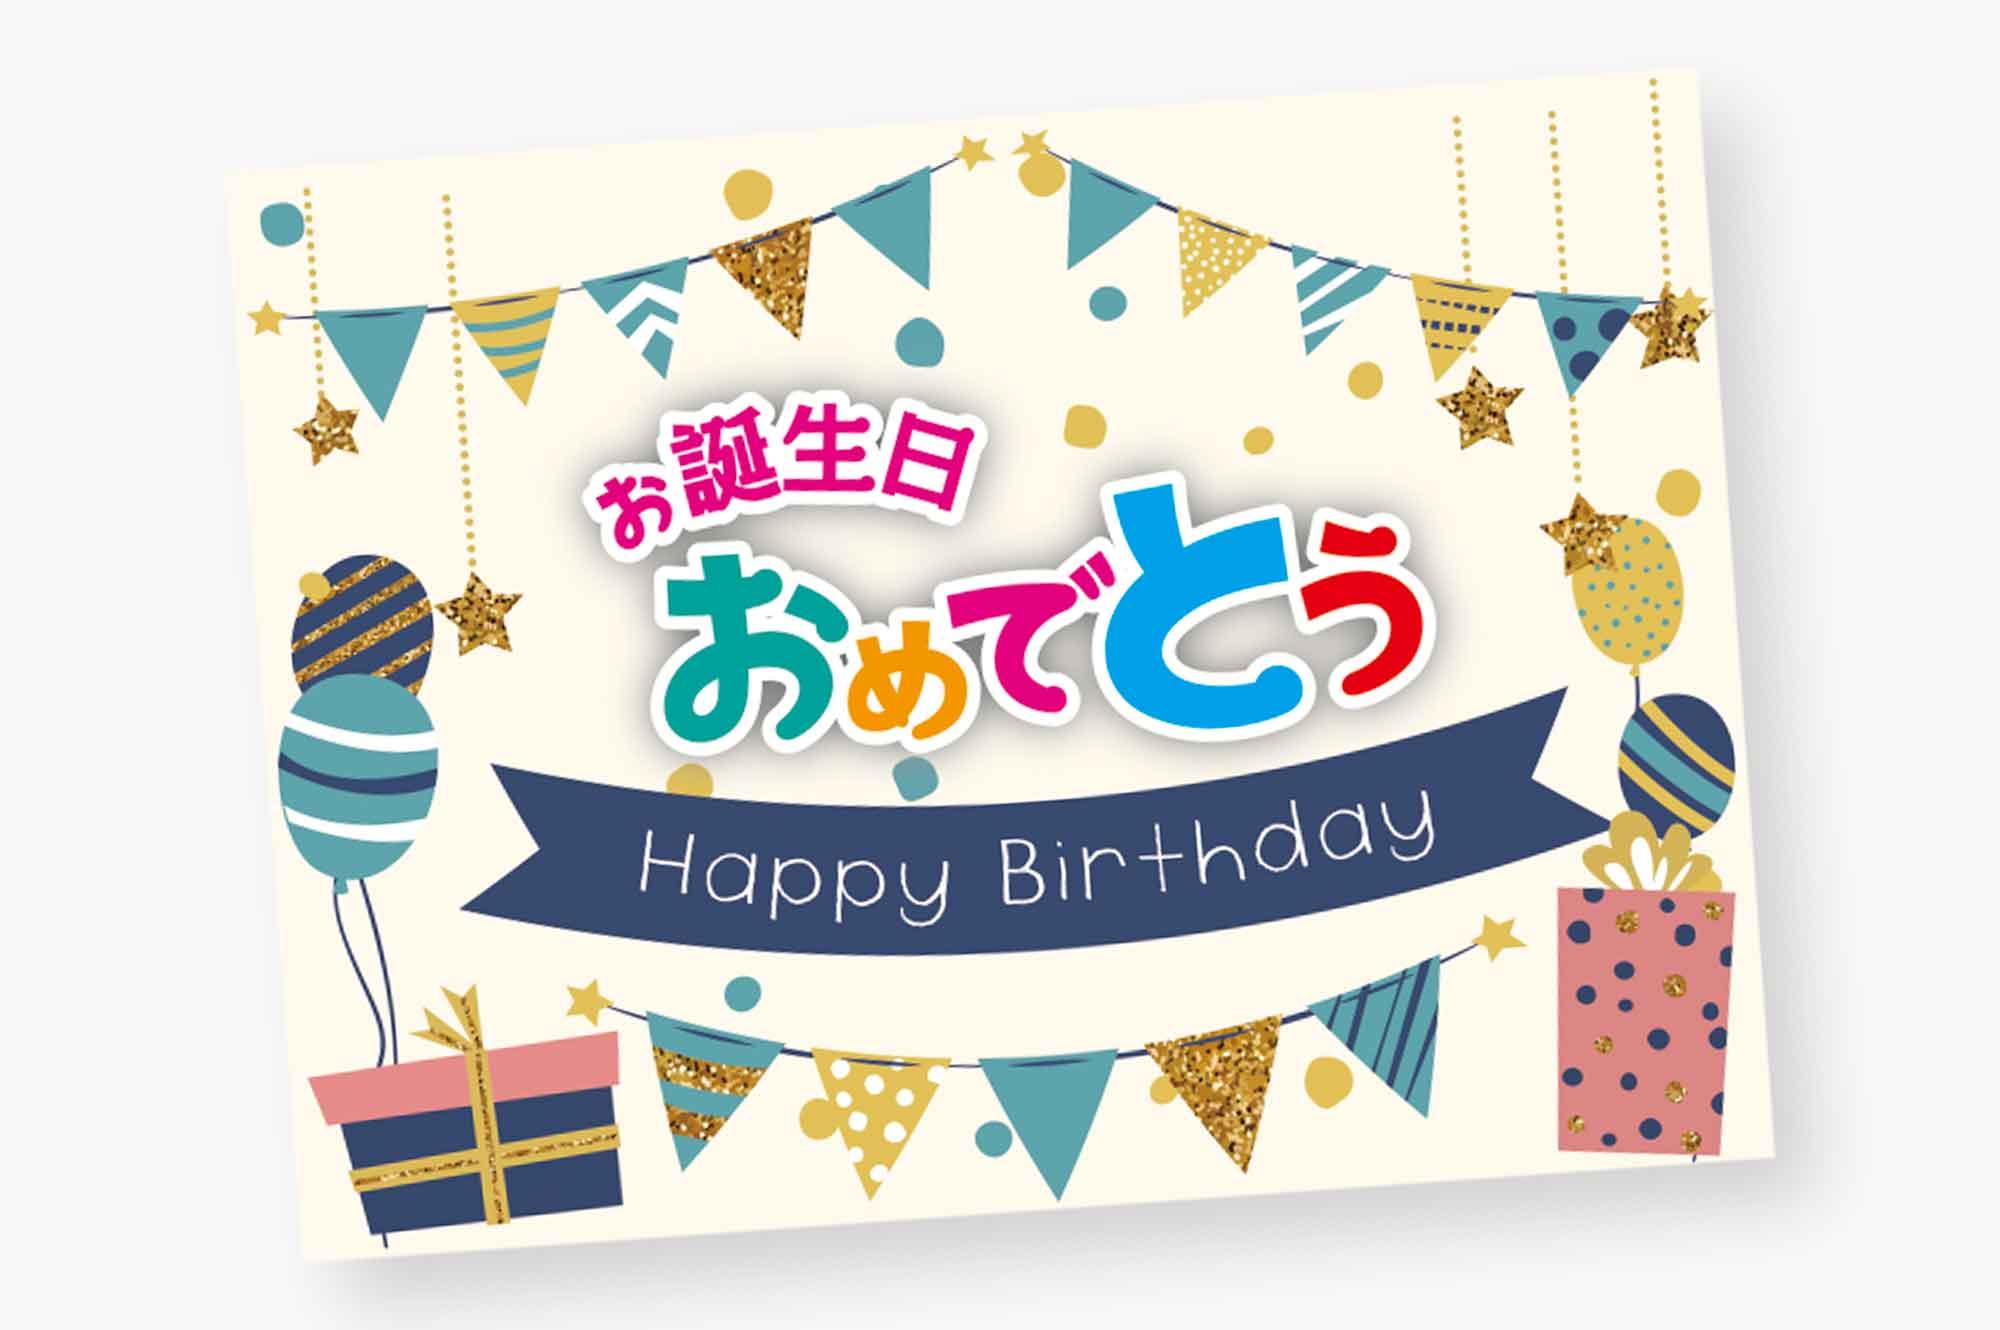 お誕生日祝い専用カード画像